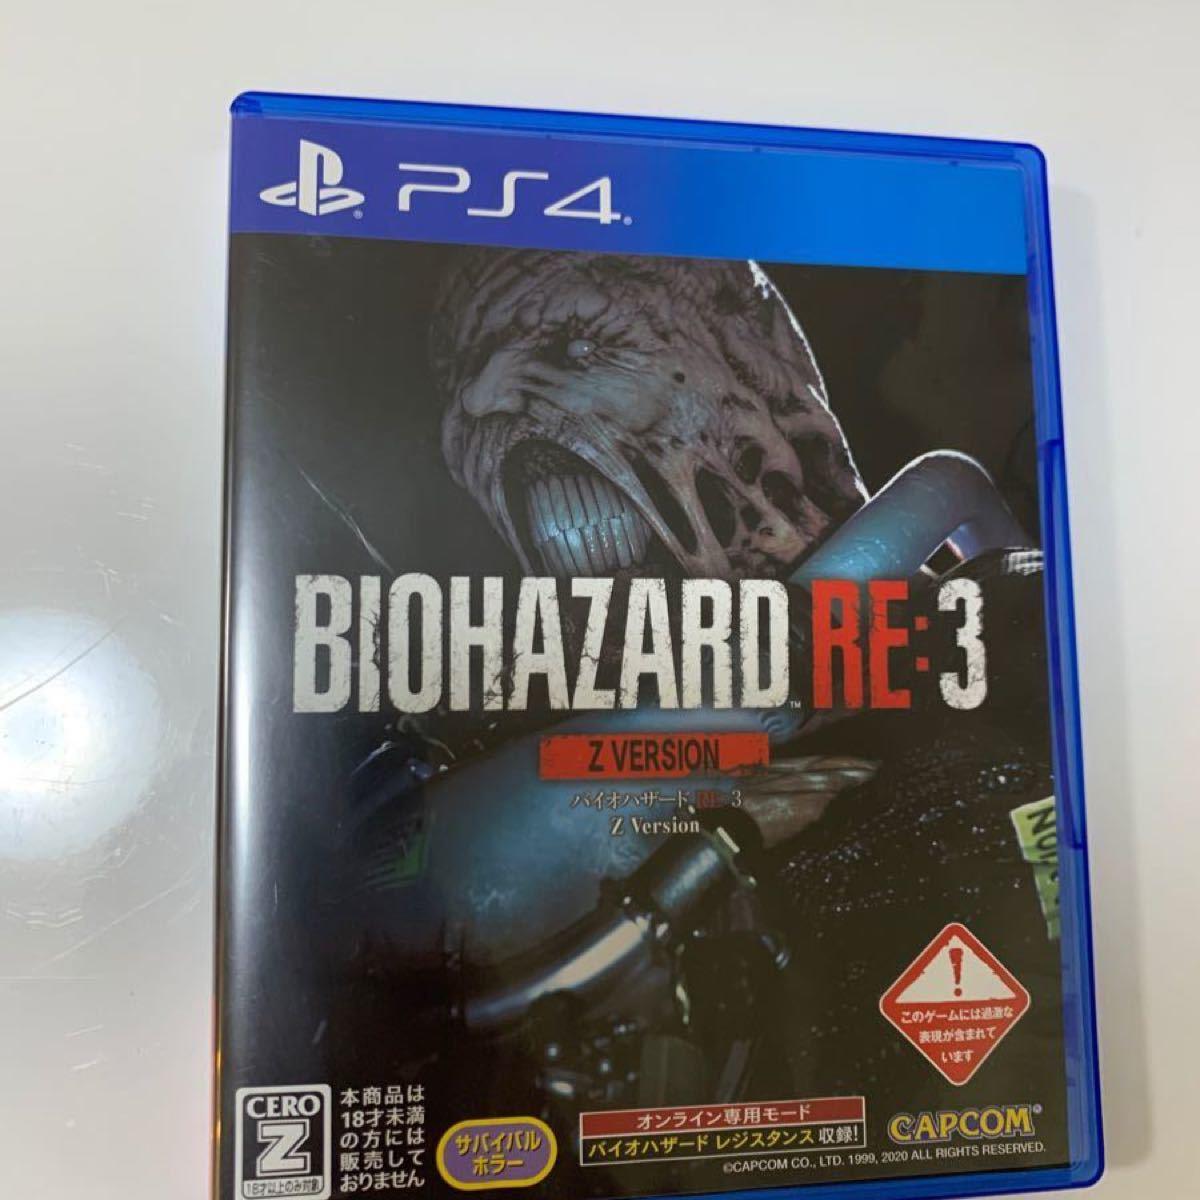 バイオハザードRE:3 PS4 BIOHAZARD ZVersion